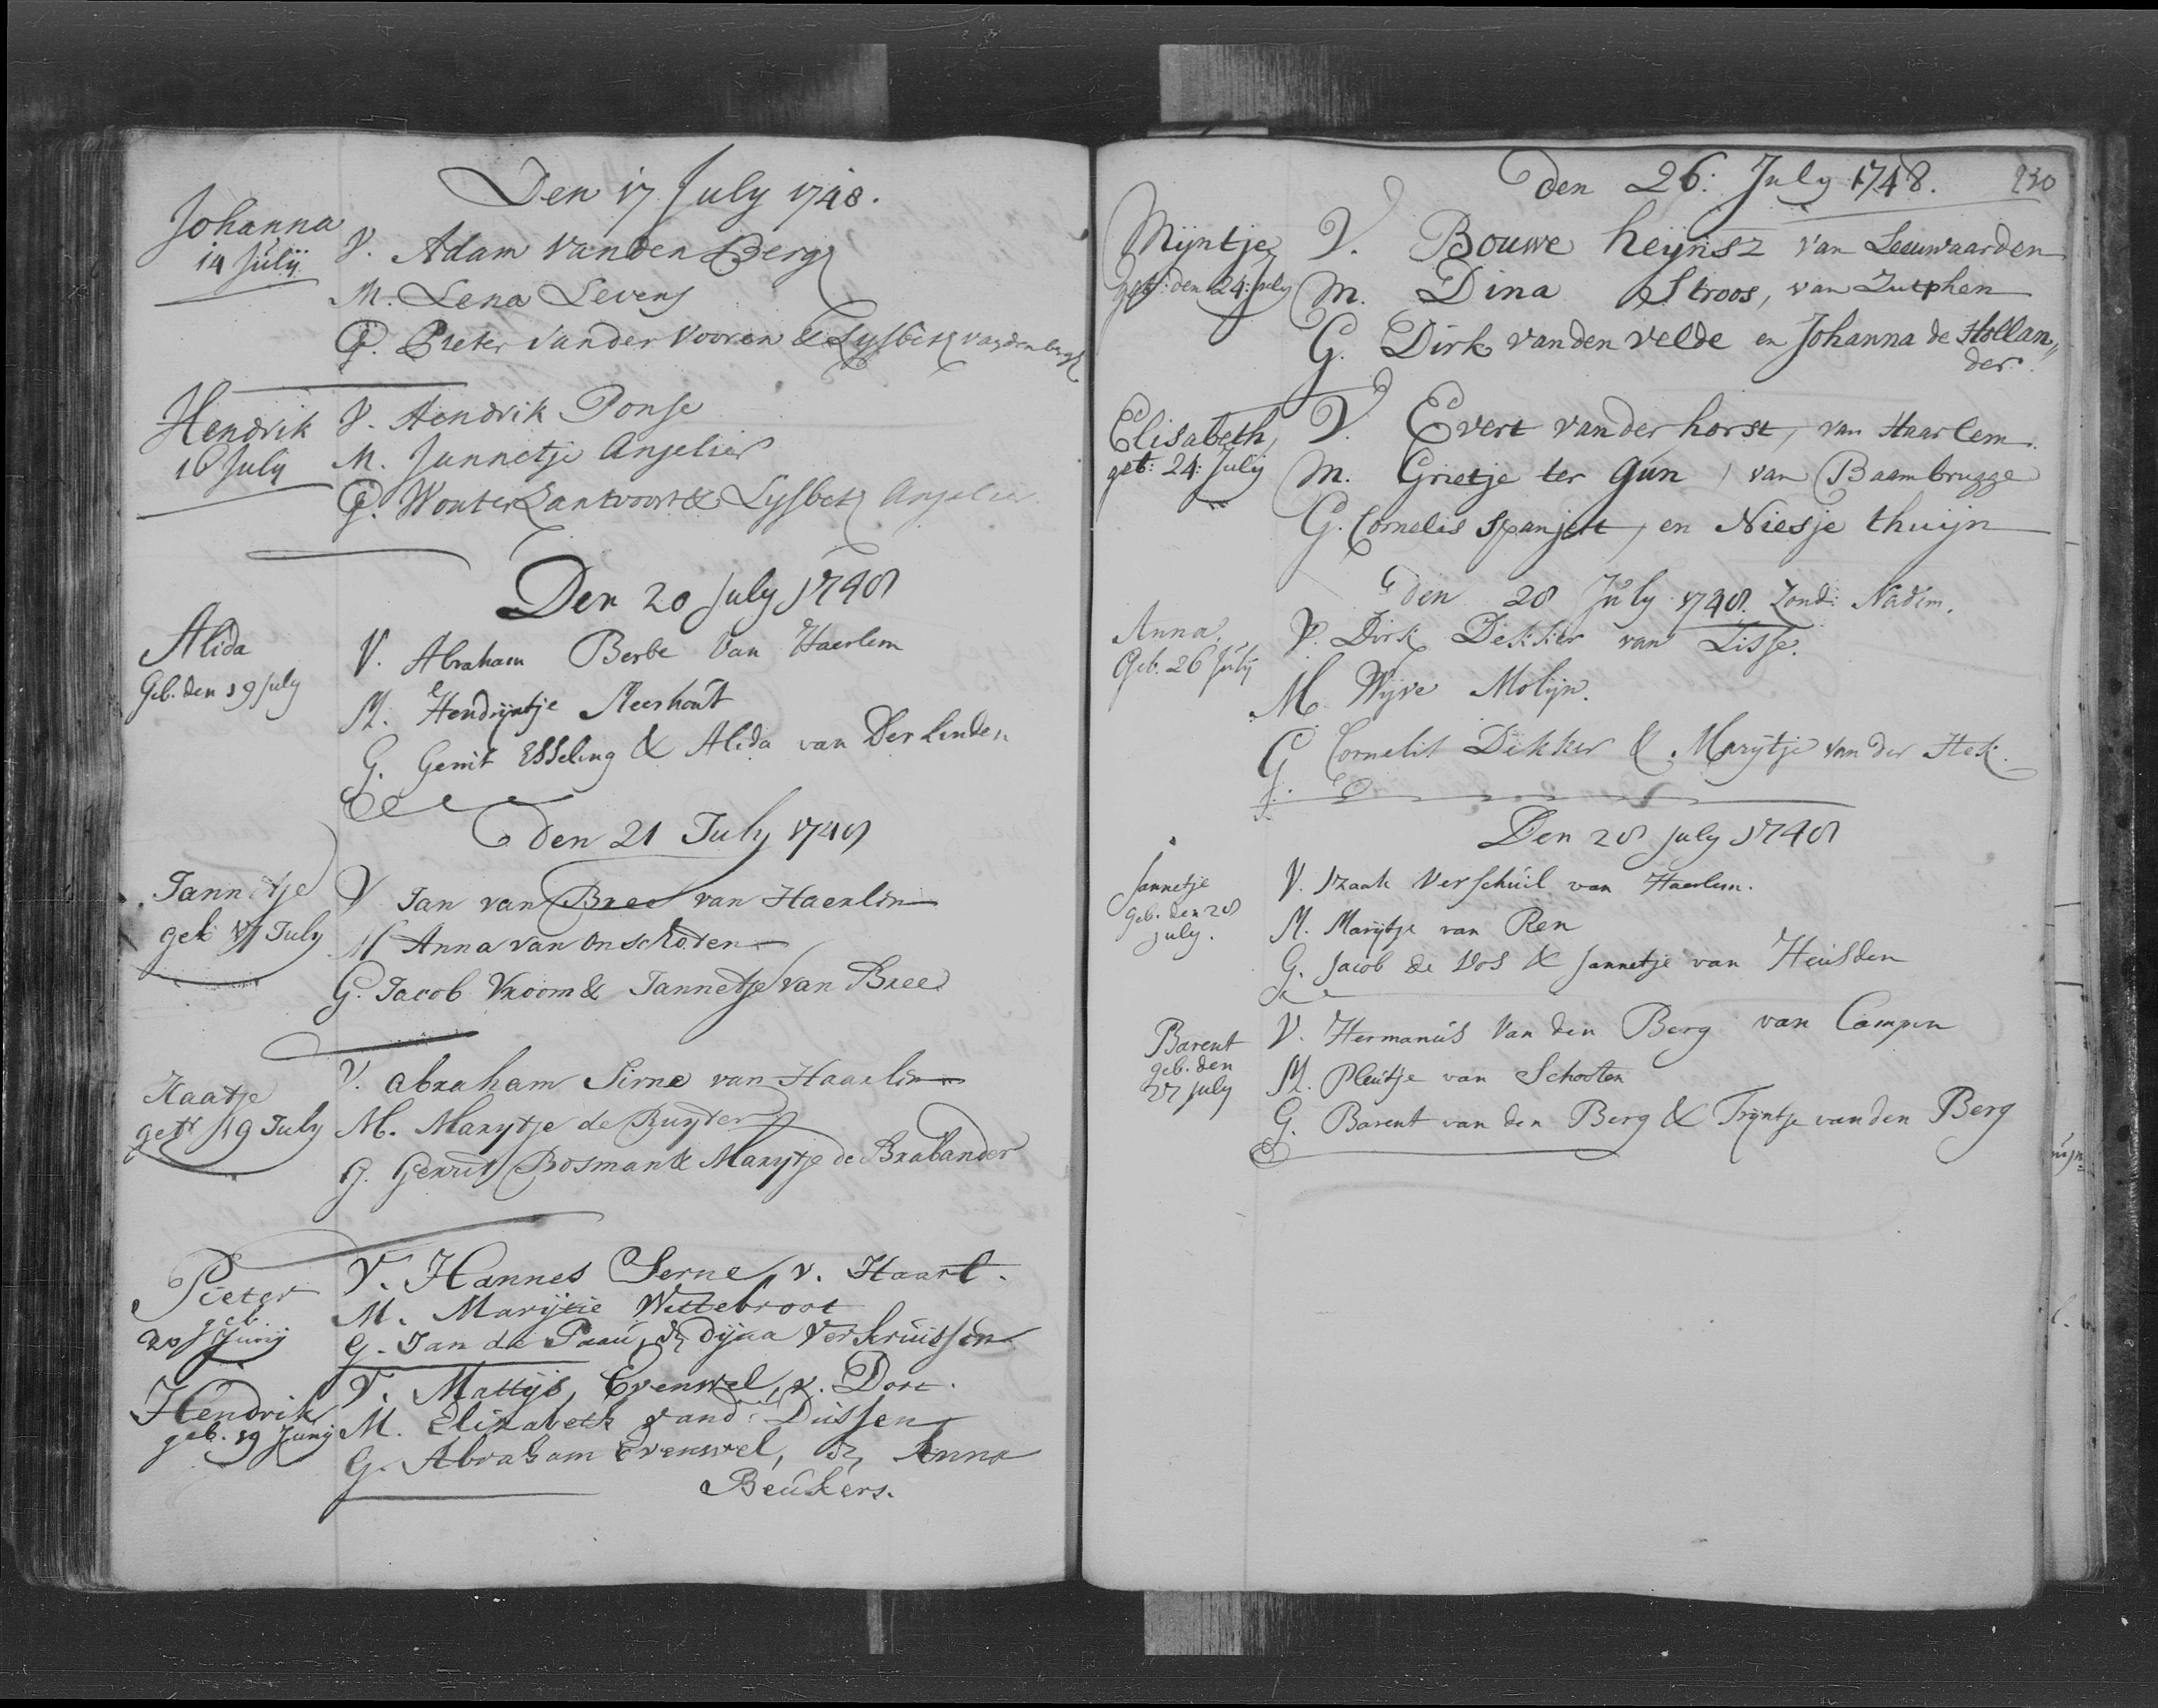 pagina uit het doopboek van de Nederduits Gereformeerde kerk van Haarlem (21-07-1748)